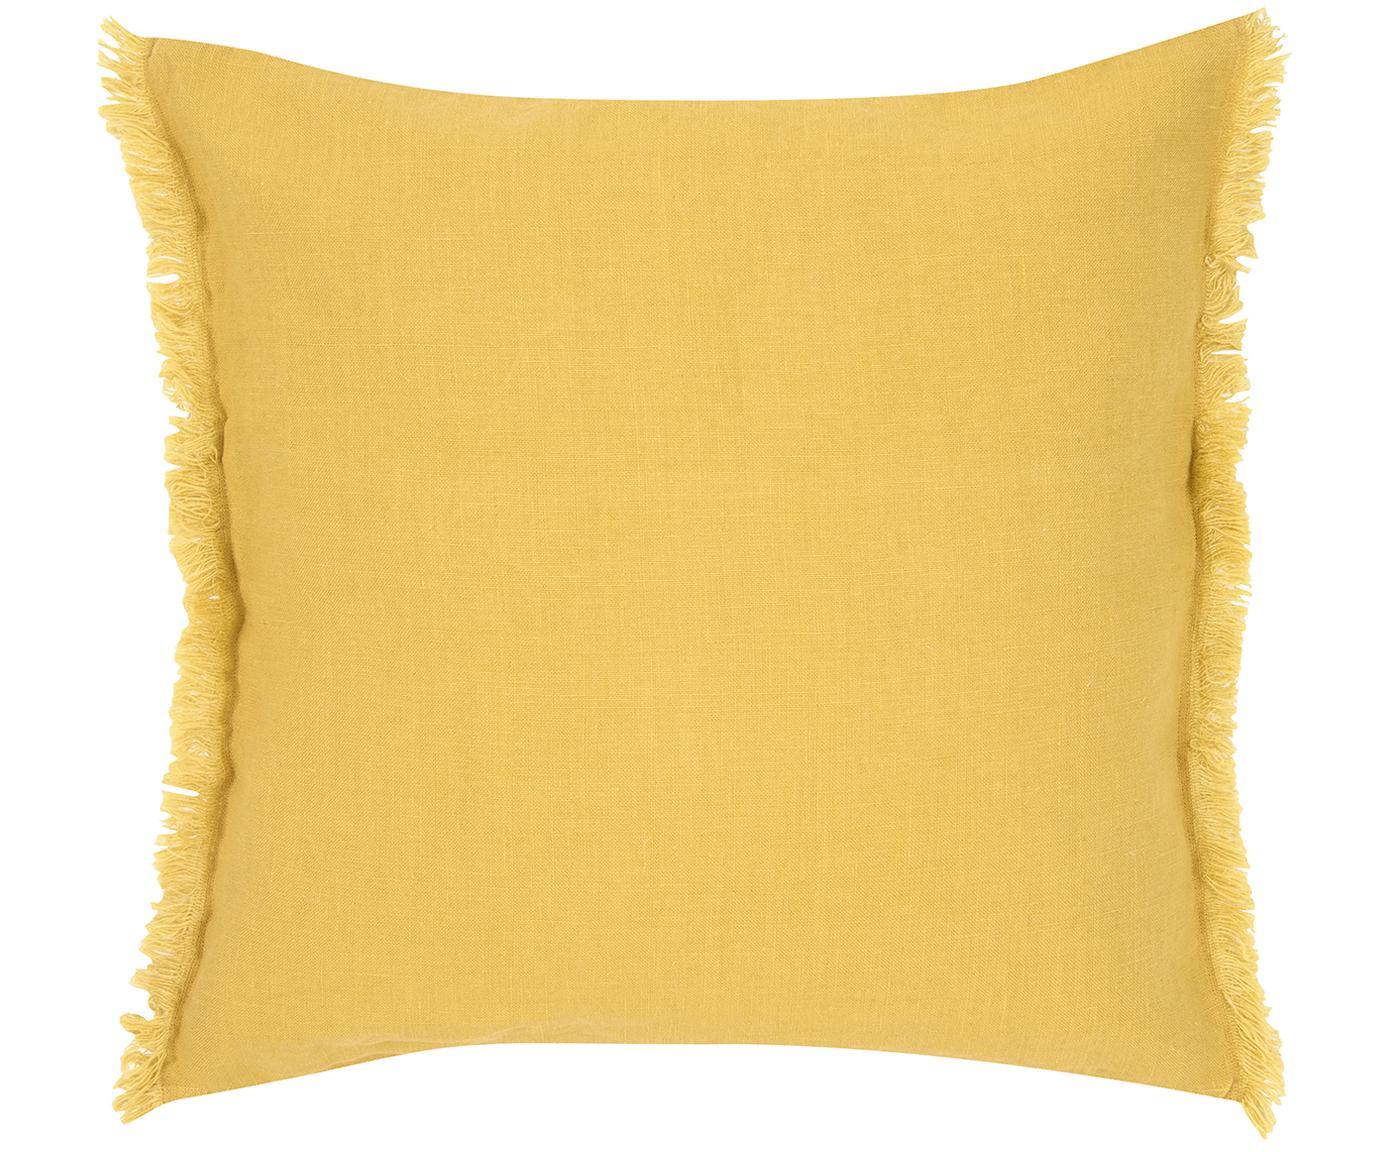 Leinen-Kissenhülle Luana mit Fransen, 100% Leinen, Gelb, 50 x 50 cm